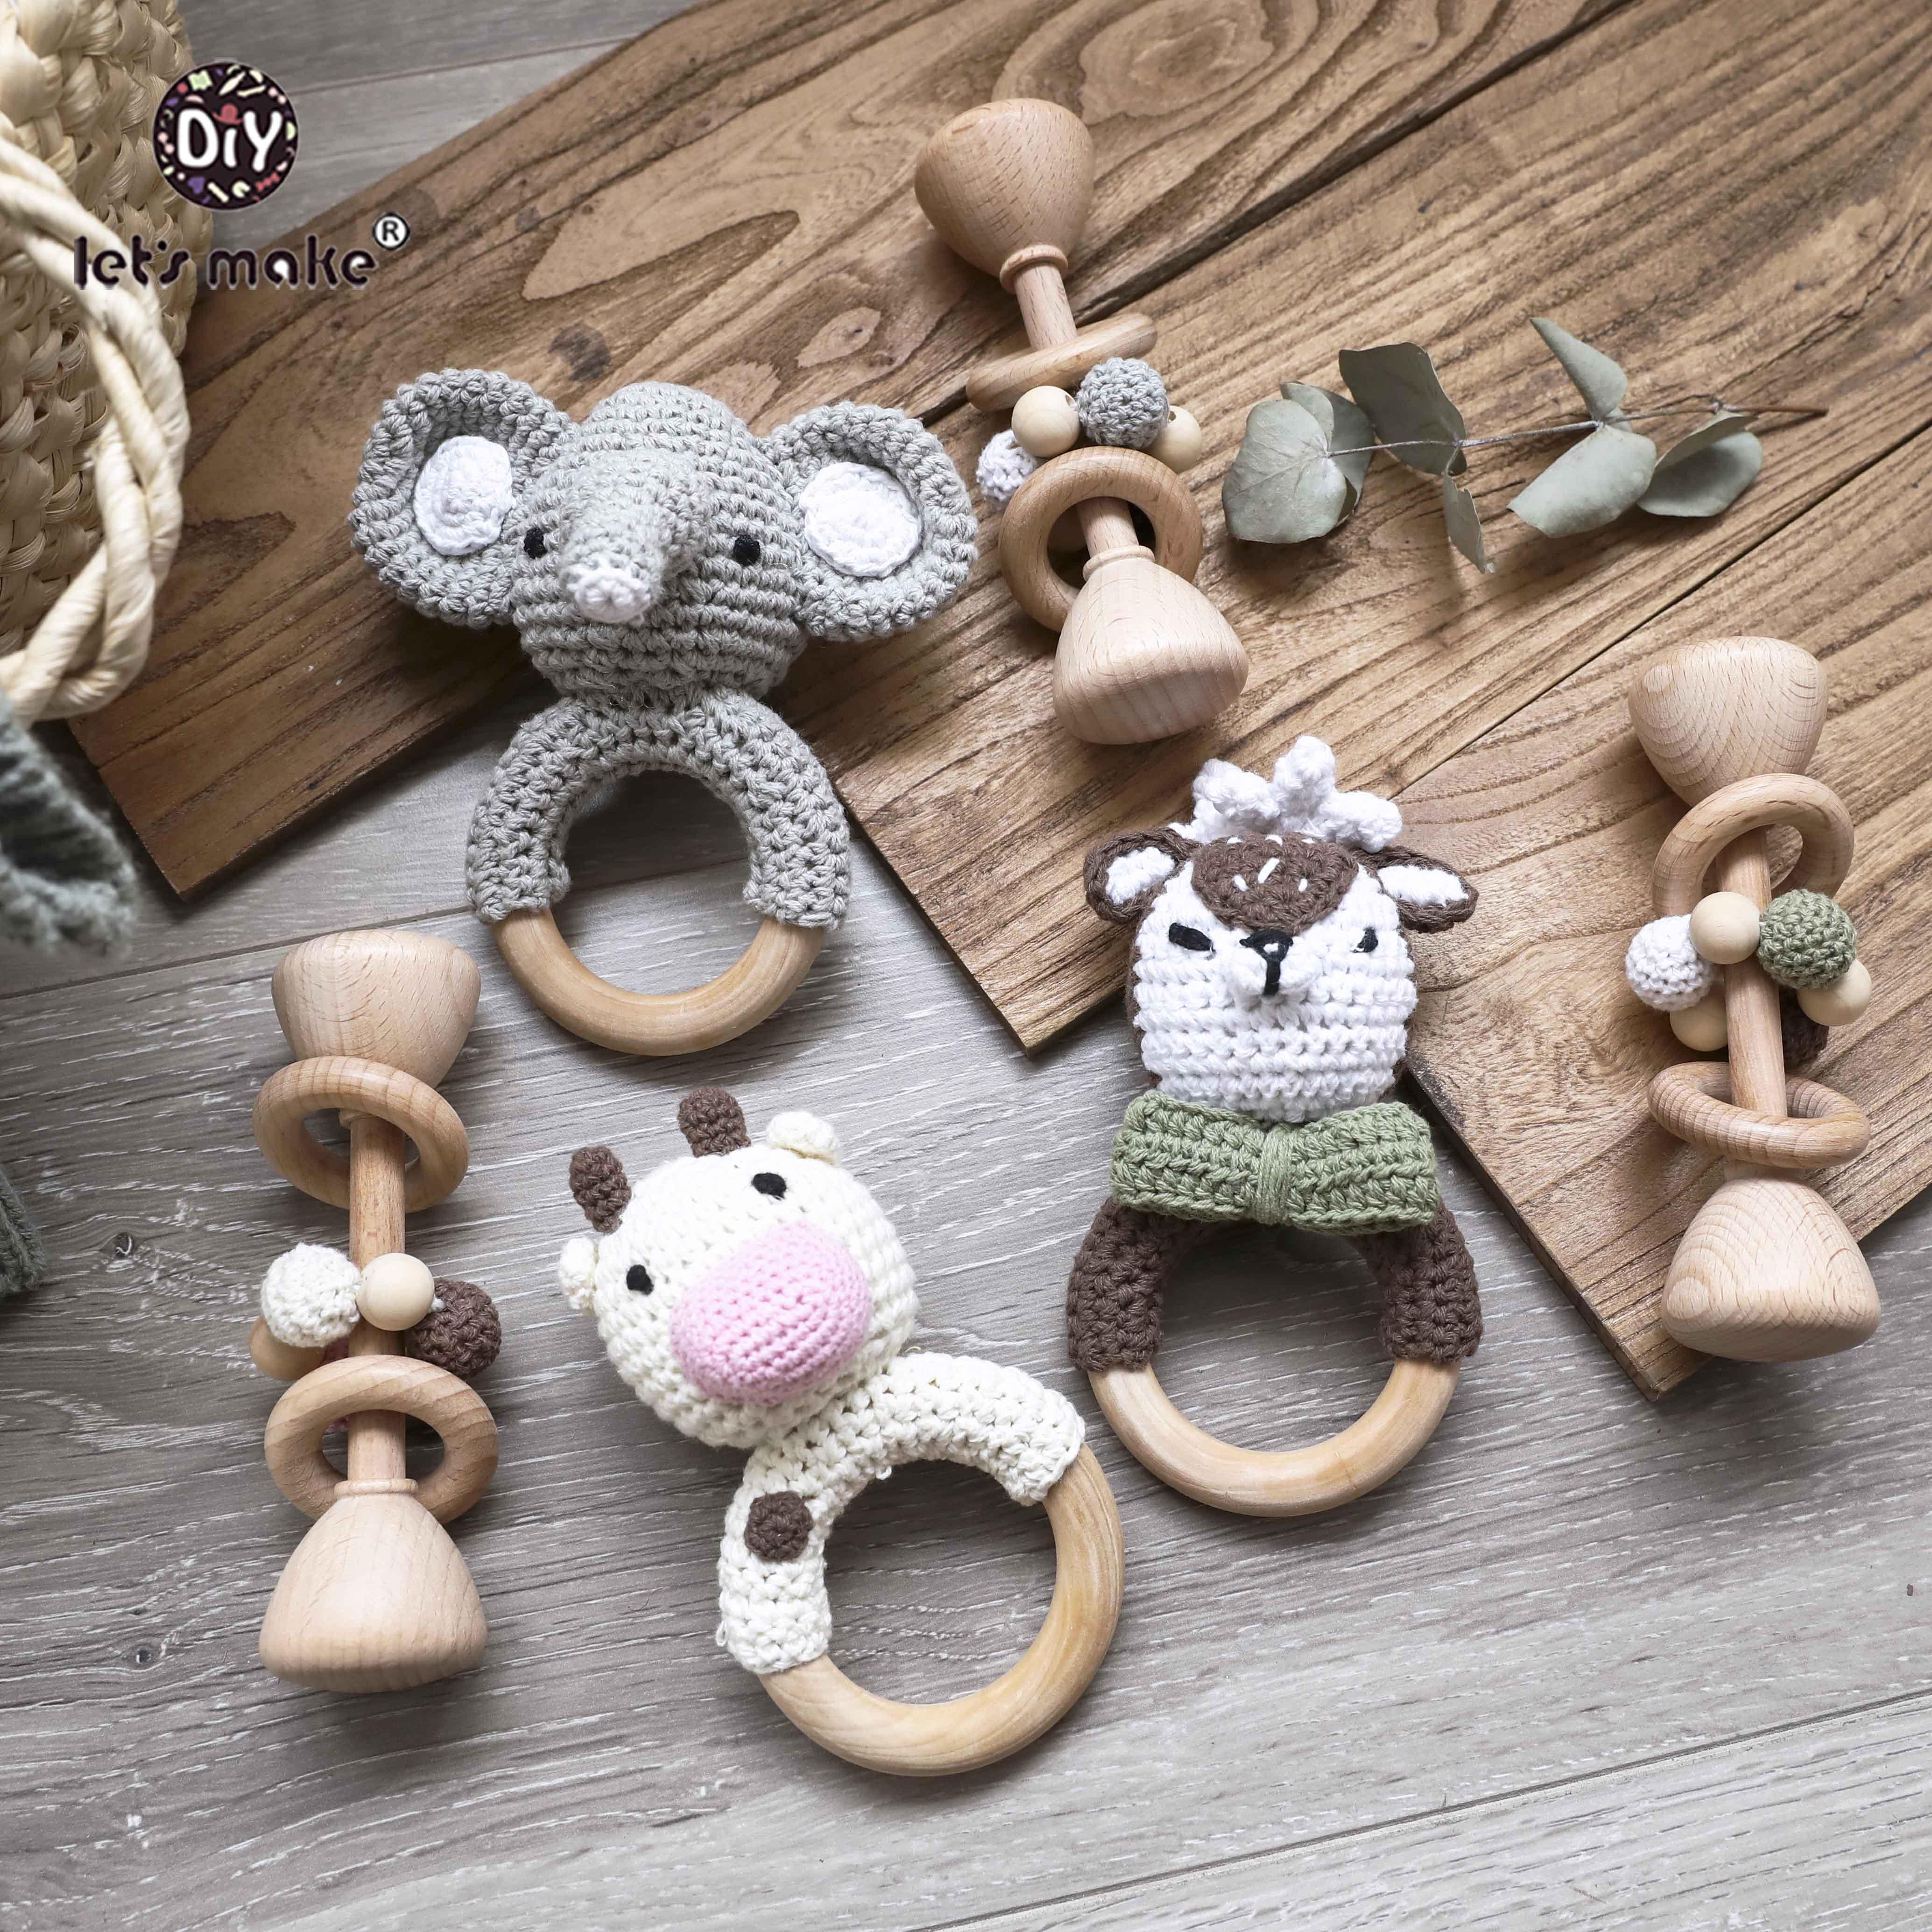 Набор деревянных игрушек Let's Make 2 шт., деревянные бусины, плетеные деревянные кольца, деревянные погремушки для животных, деревянные прорезы...